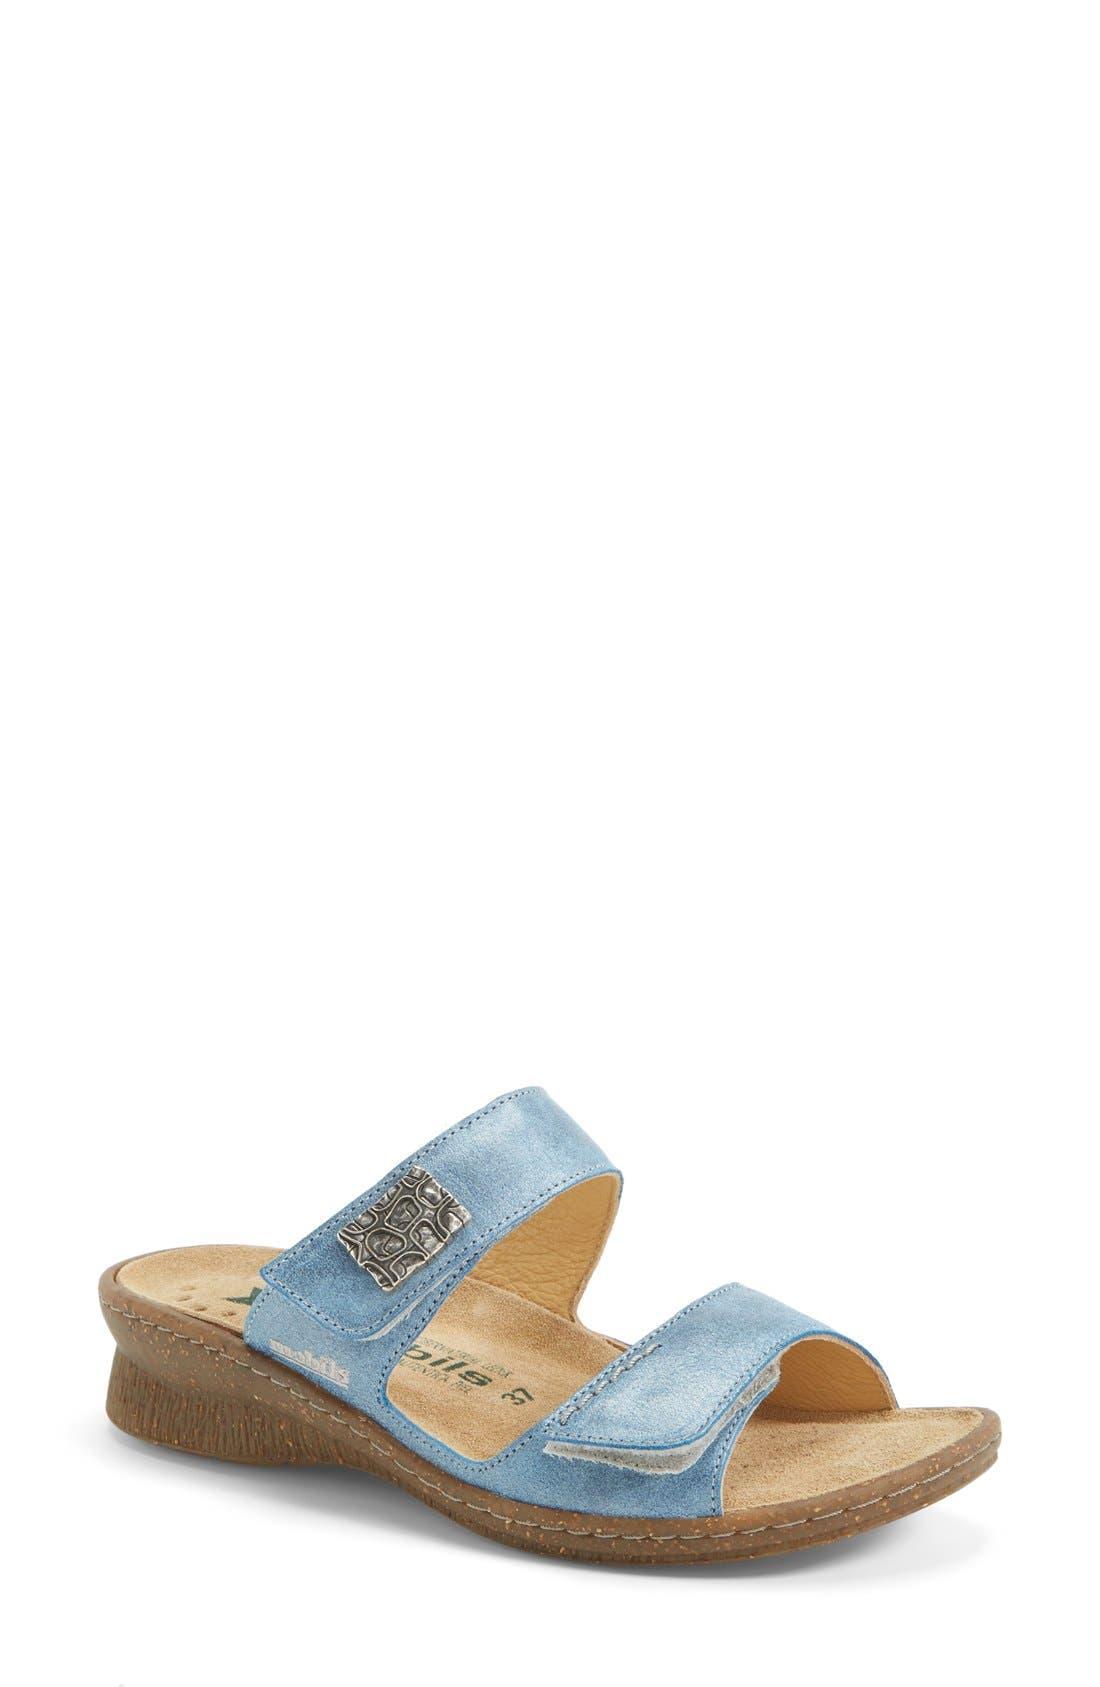 'Bregalia' Metallic Leather Sandal,                         Main,                         color, 400